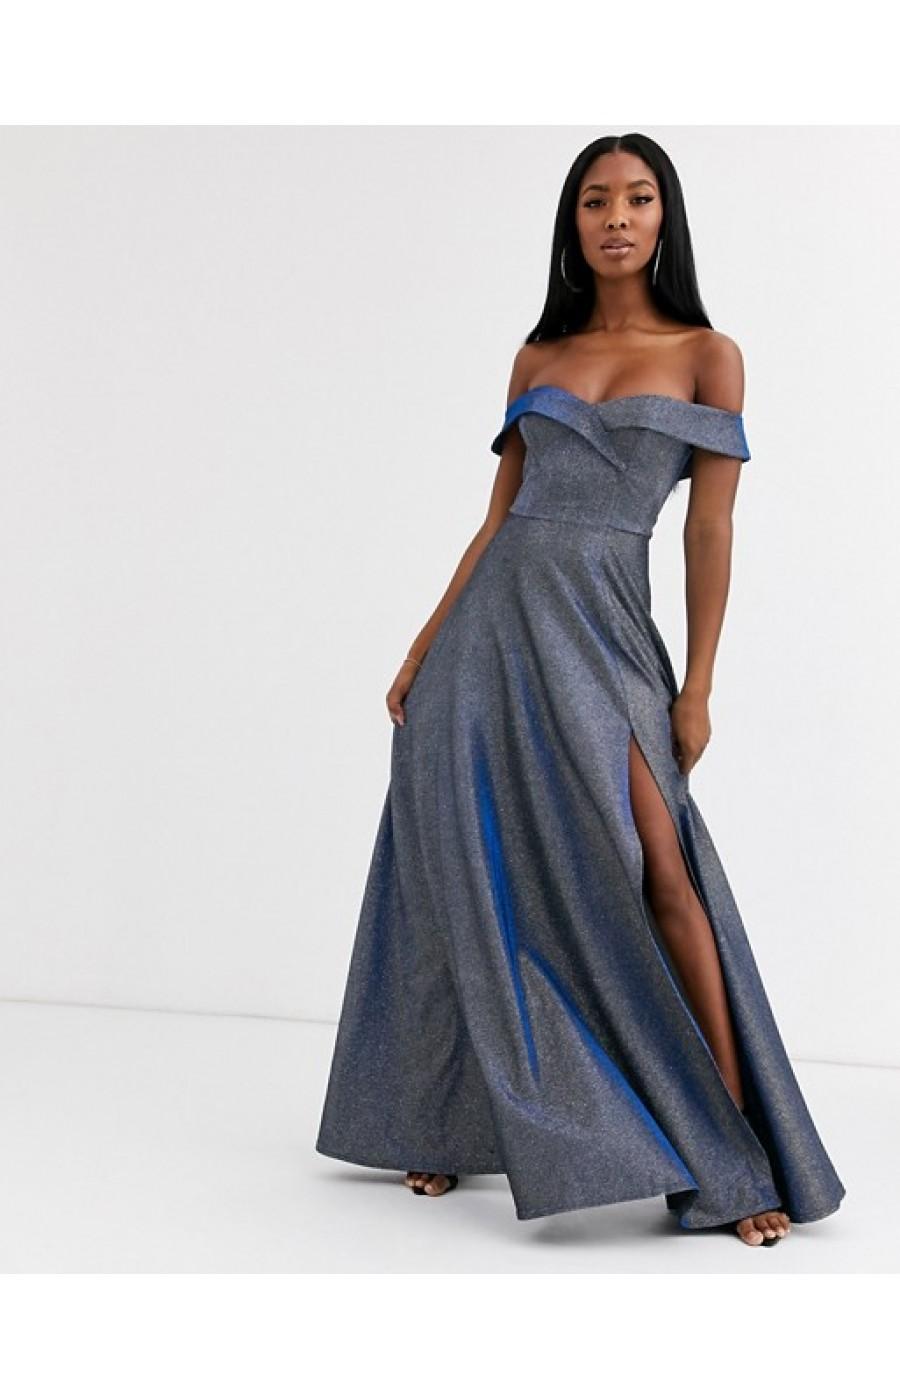 Μακρύ ανάλαφρο μεταλλικό φόρεμα με σκίσιμο μπροστά